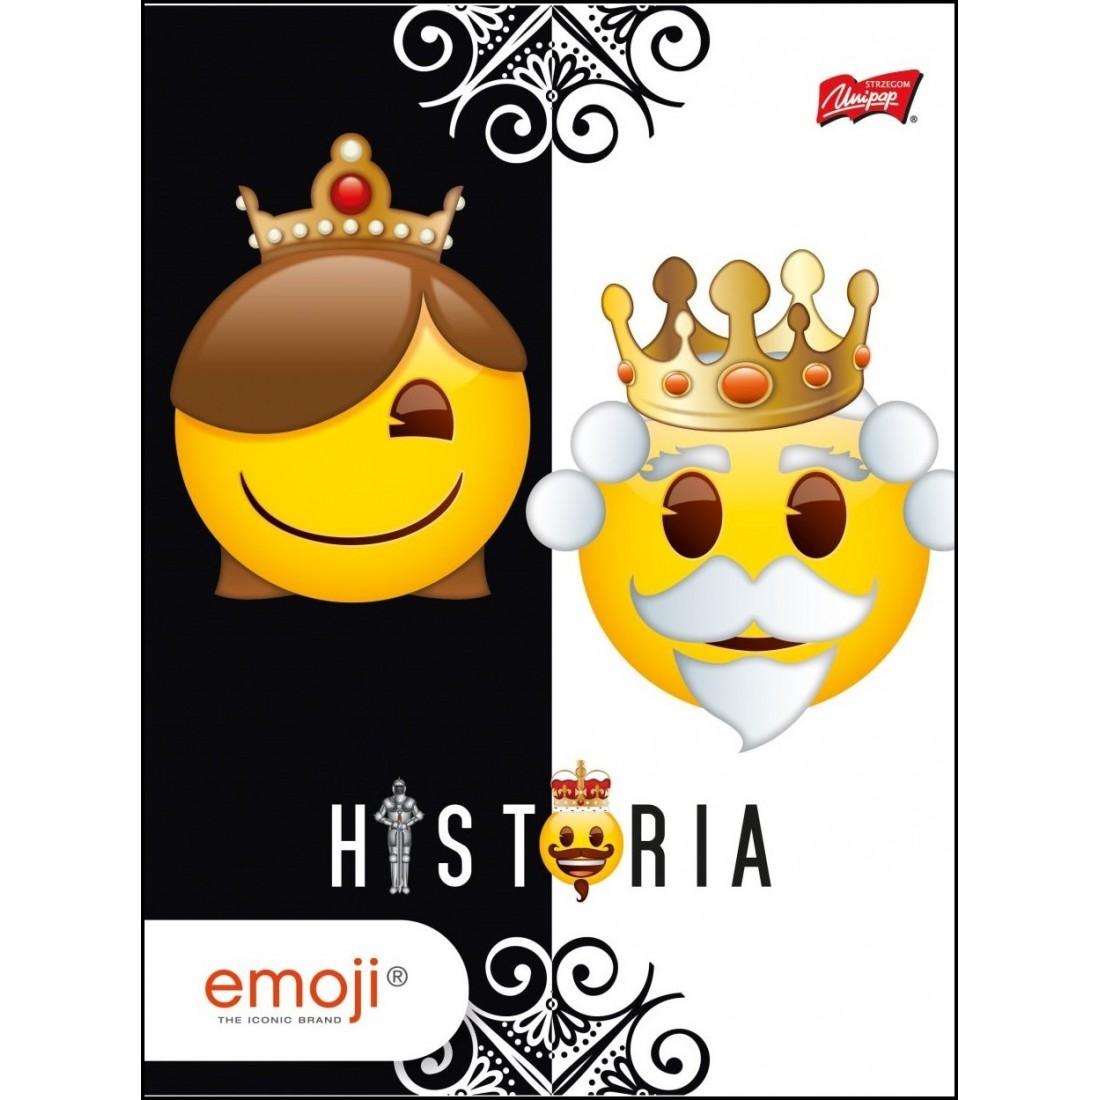 HISTORIA Zeszyt EMOJI w formacie A5 / 60k. KRATKA w emotki queen king - plecak-tornister.pl